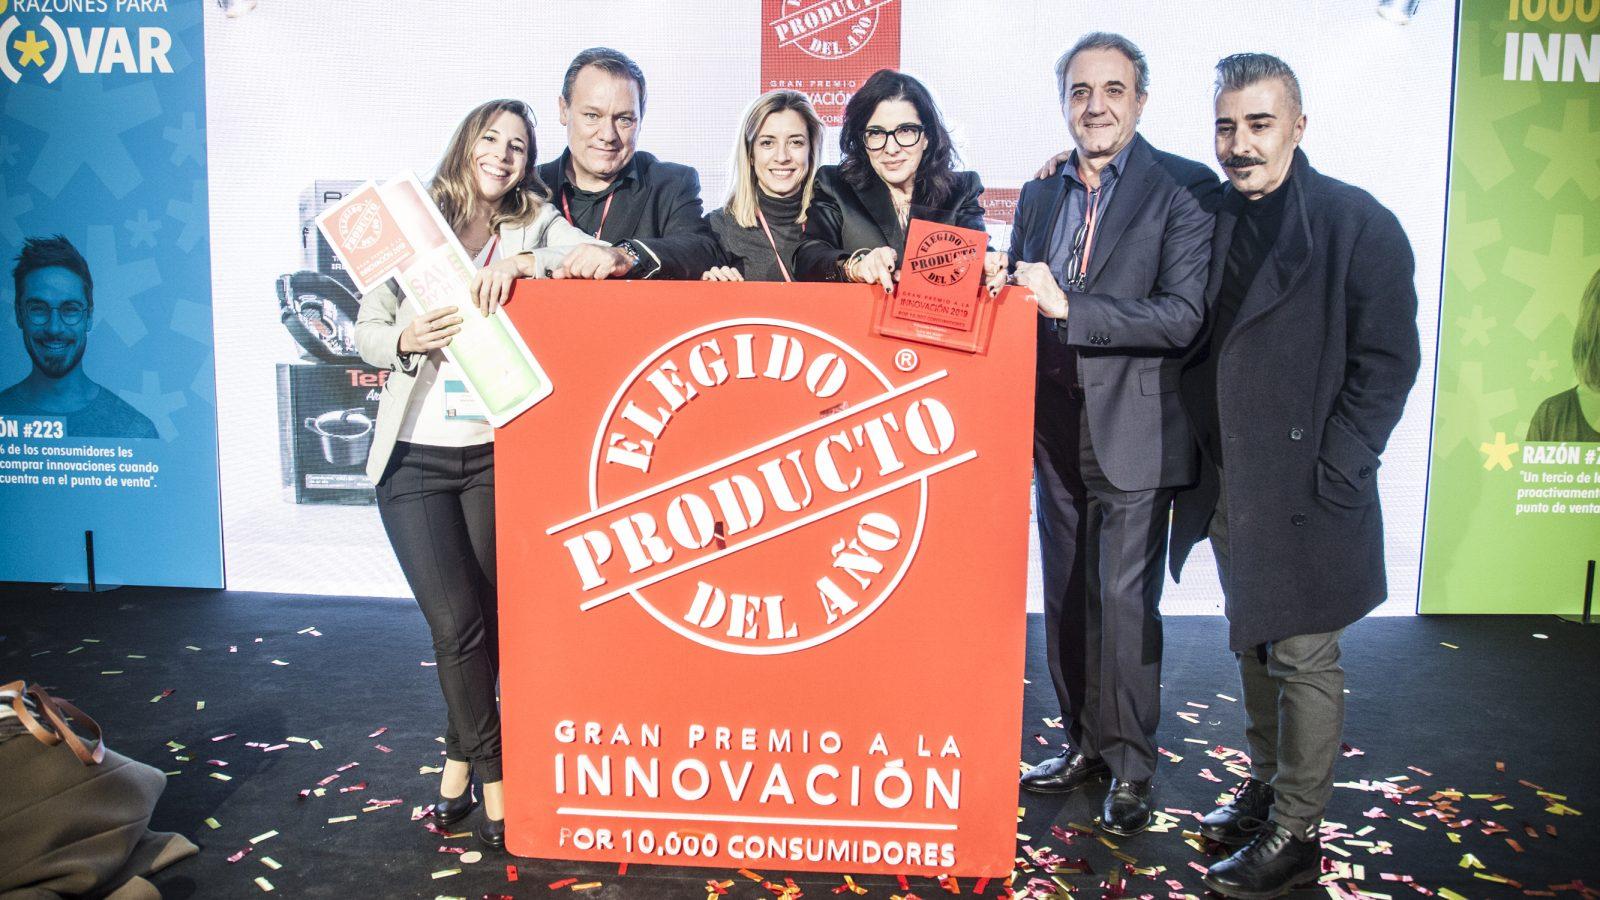 PRODUCTO DEL ANO 2019 3